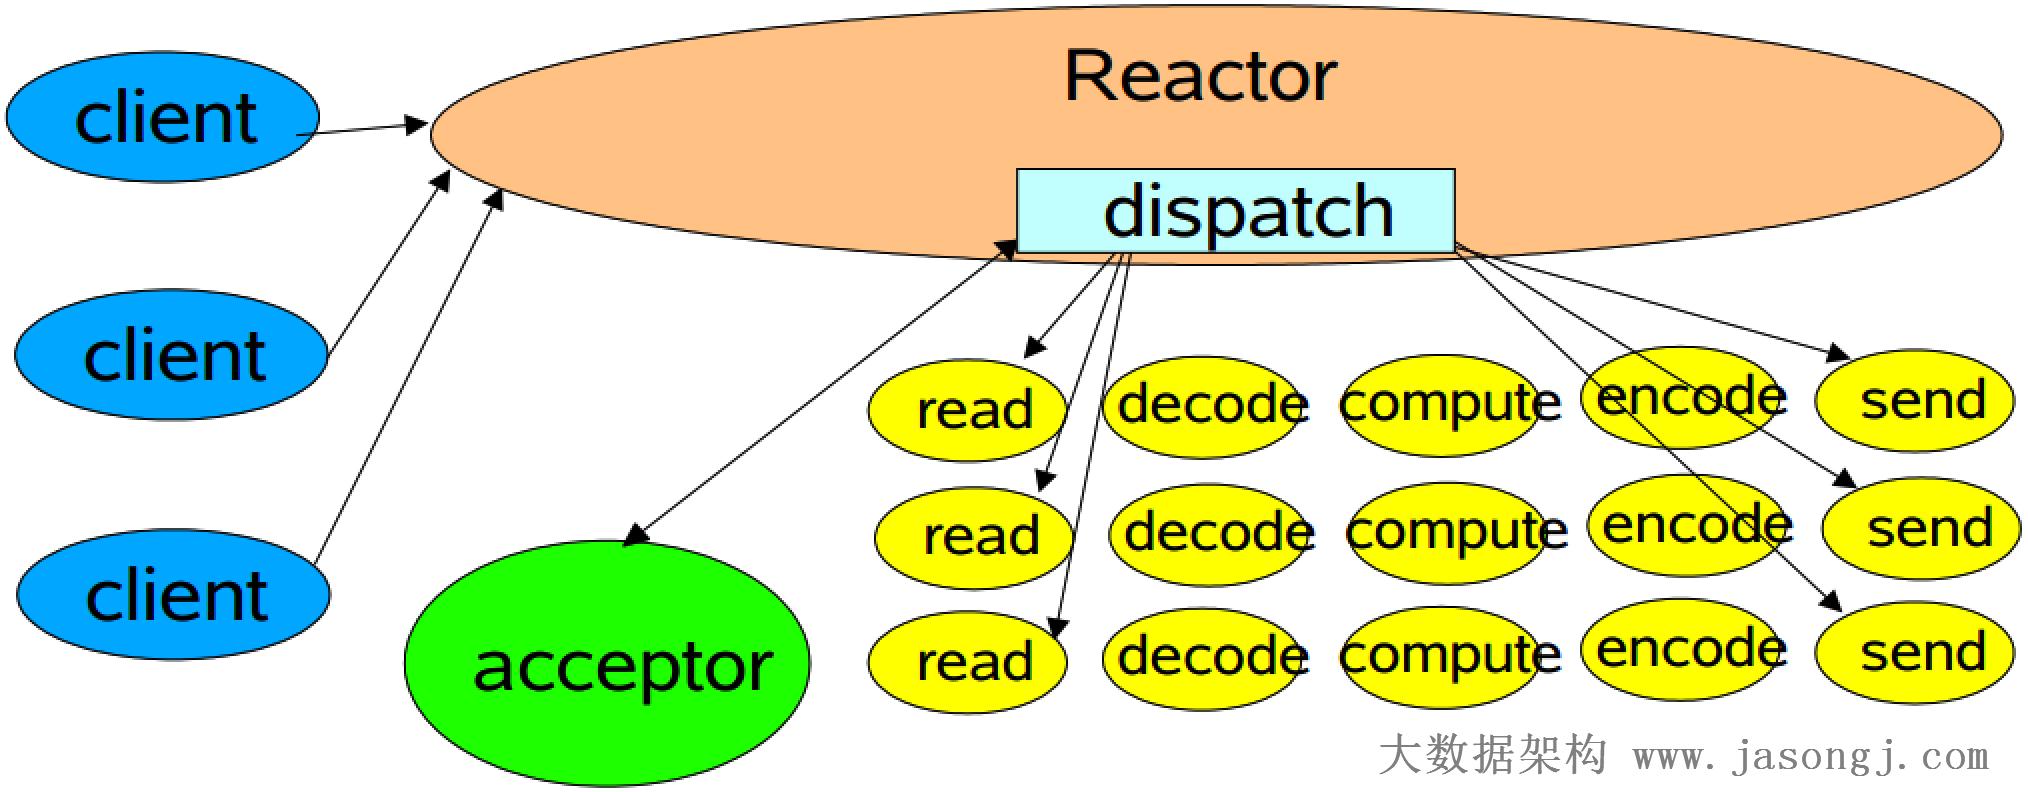 经典Reactor模式